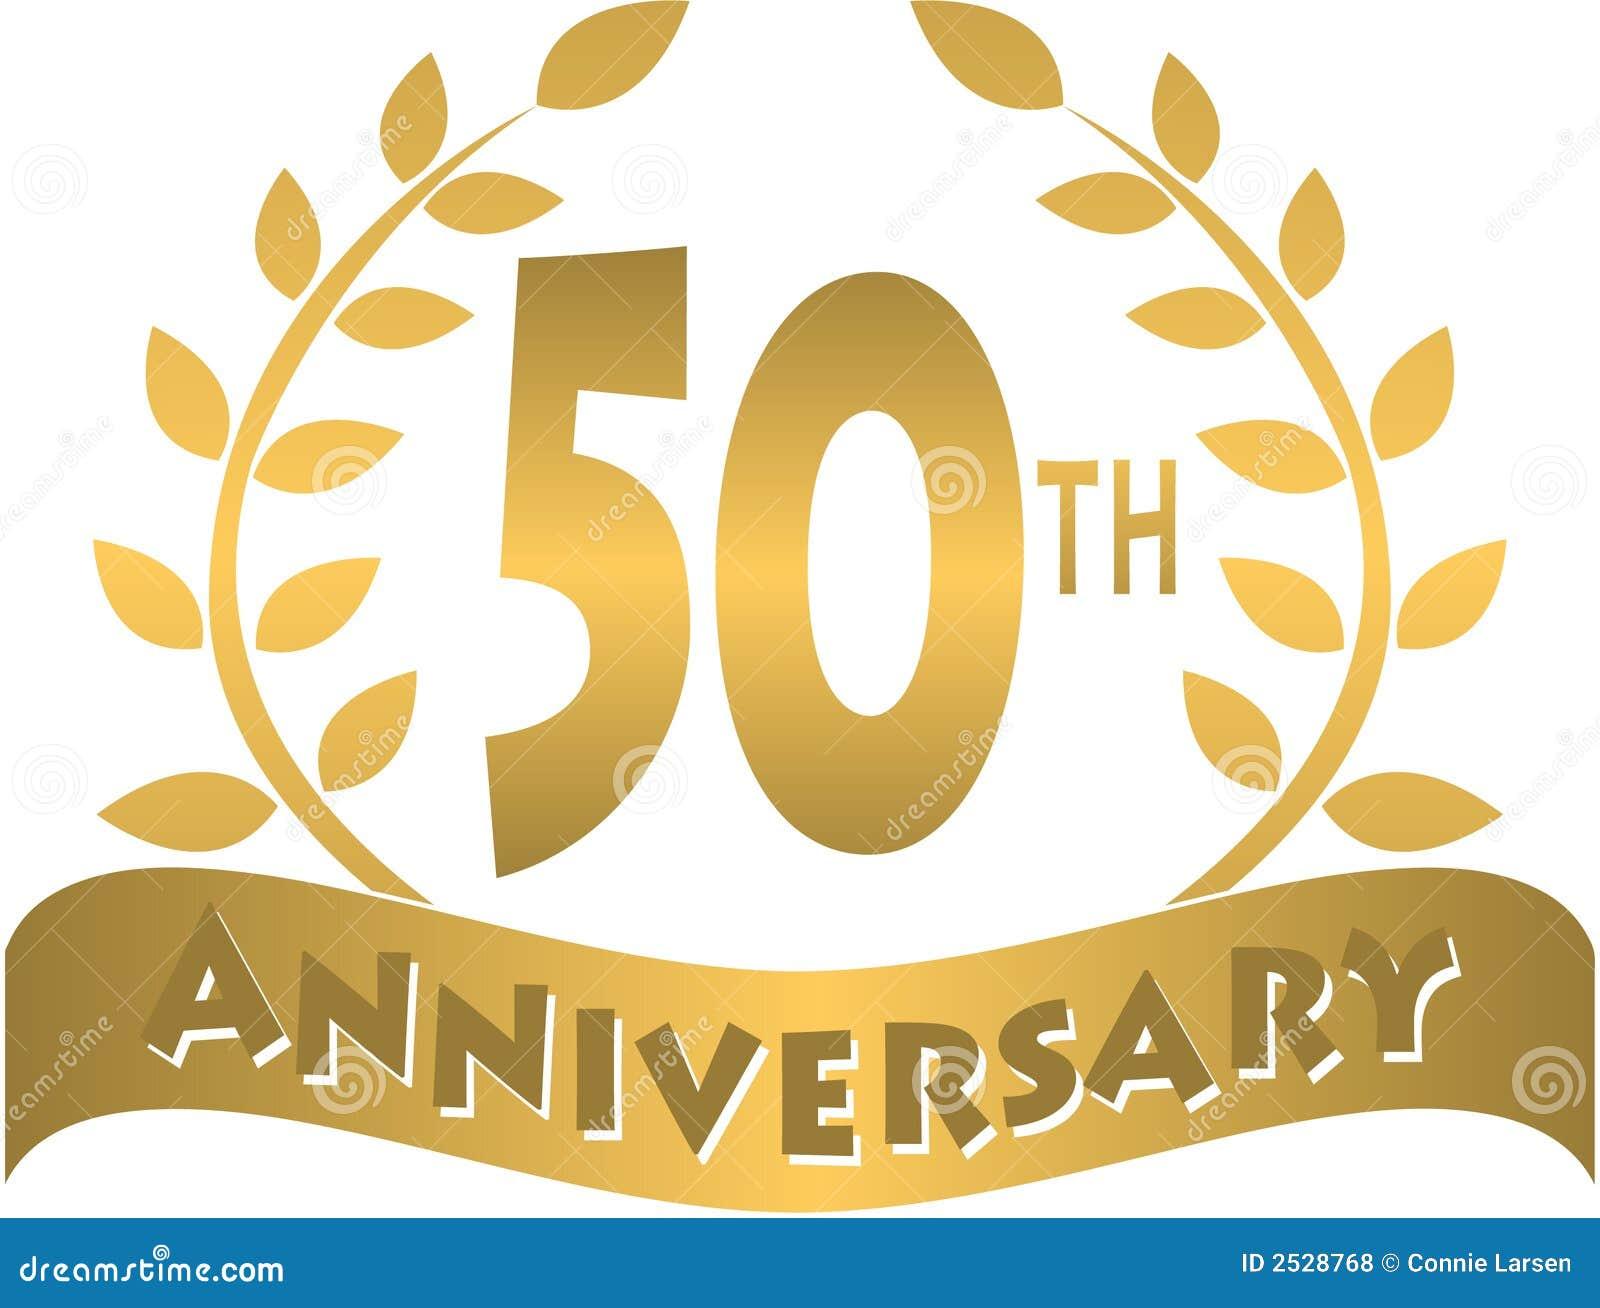 golden anniversary banner eps stock vector illustration of banner